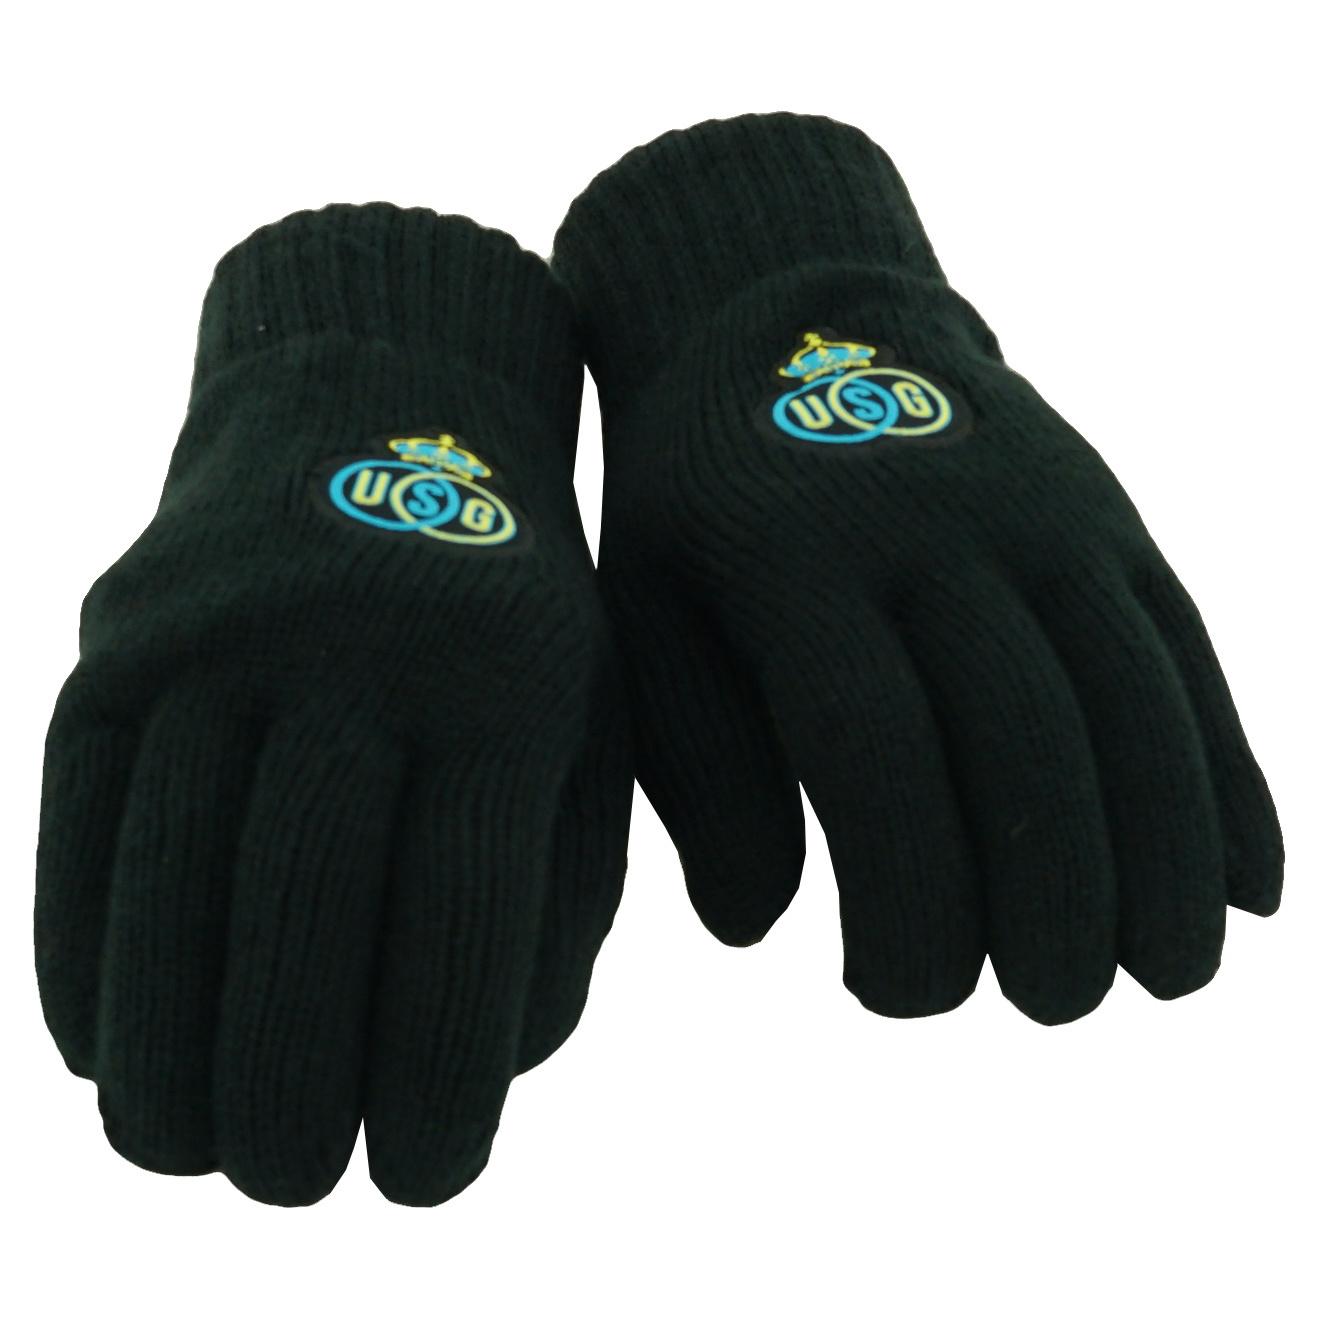 Topfanz Glove black - XL